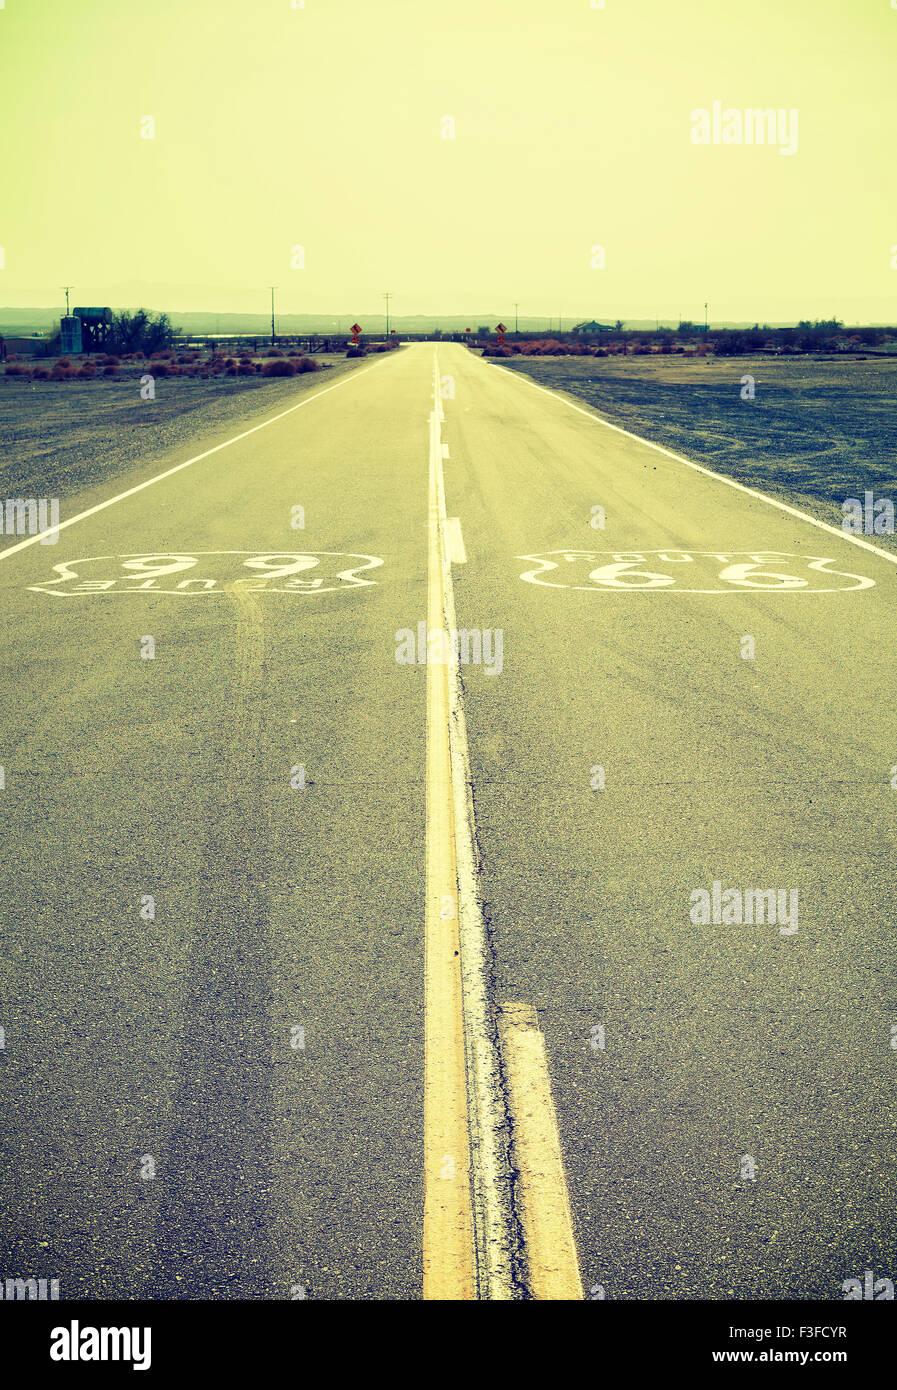 Les vieux style film transformés la Route 66, en Californie, aux États-Unis. Photo Stock